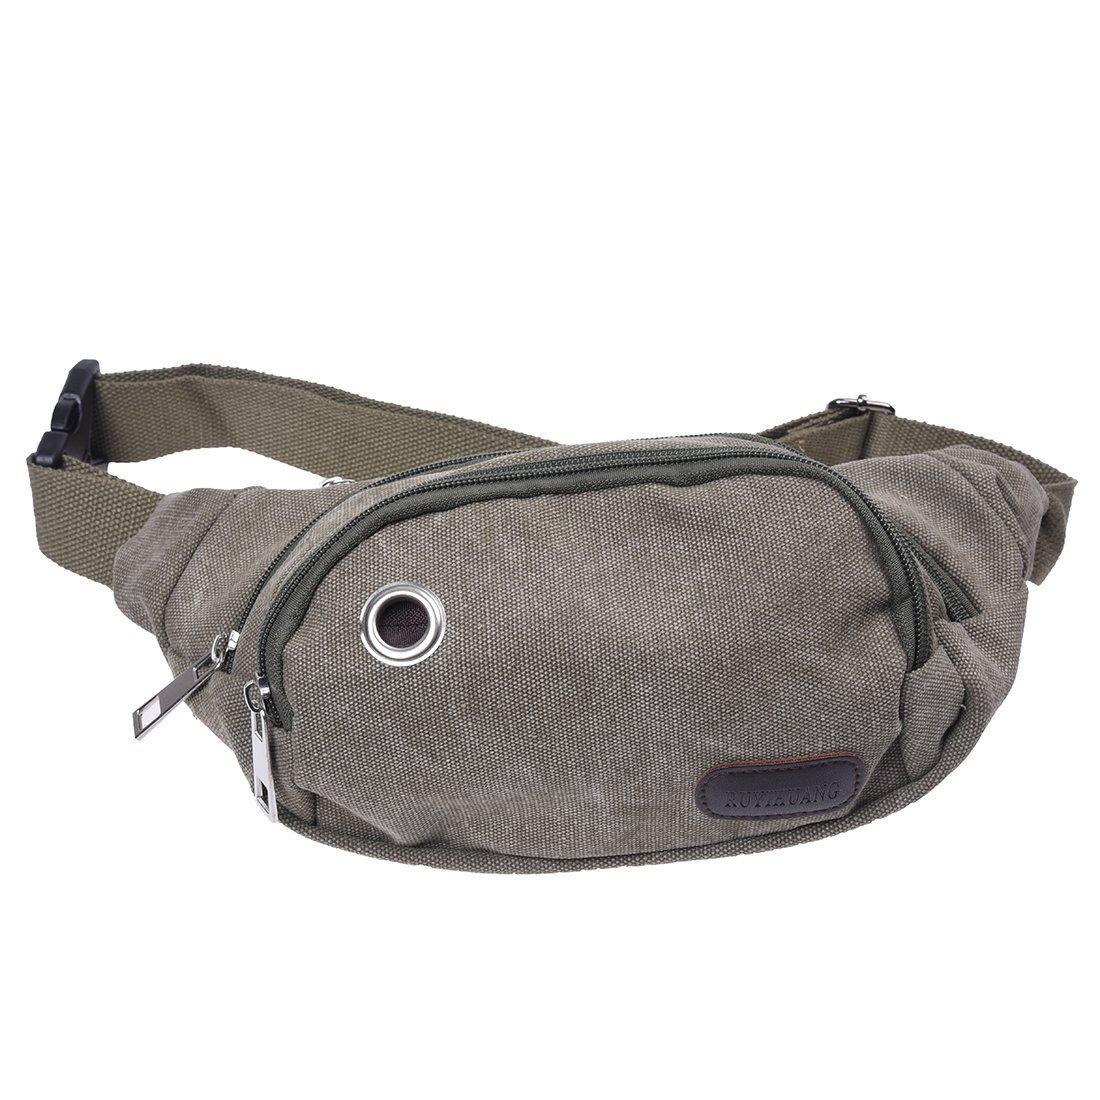 TOOGOO(R) Bolso De Cintura Para Hombre Bolsa De Pecho De Lona De Verde Militar Para Viaje Deporte UKPPLBDH7273